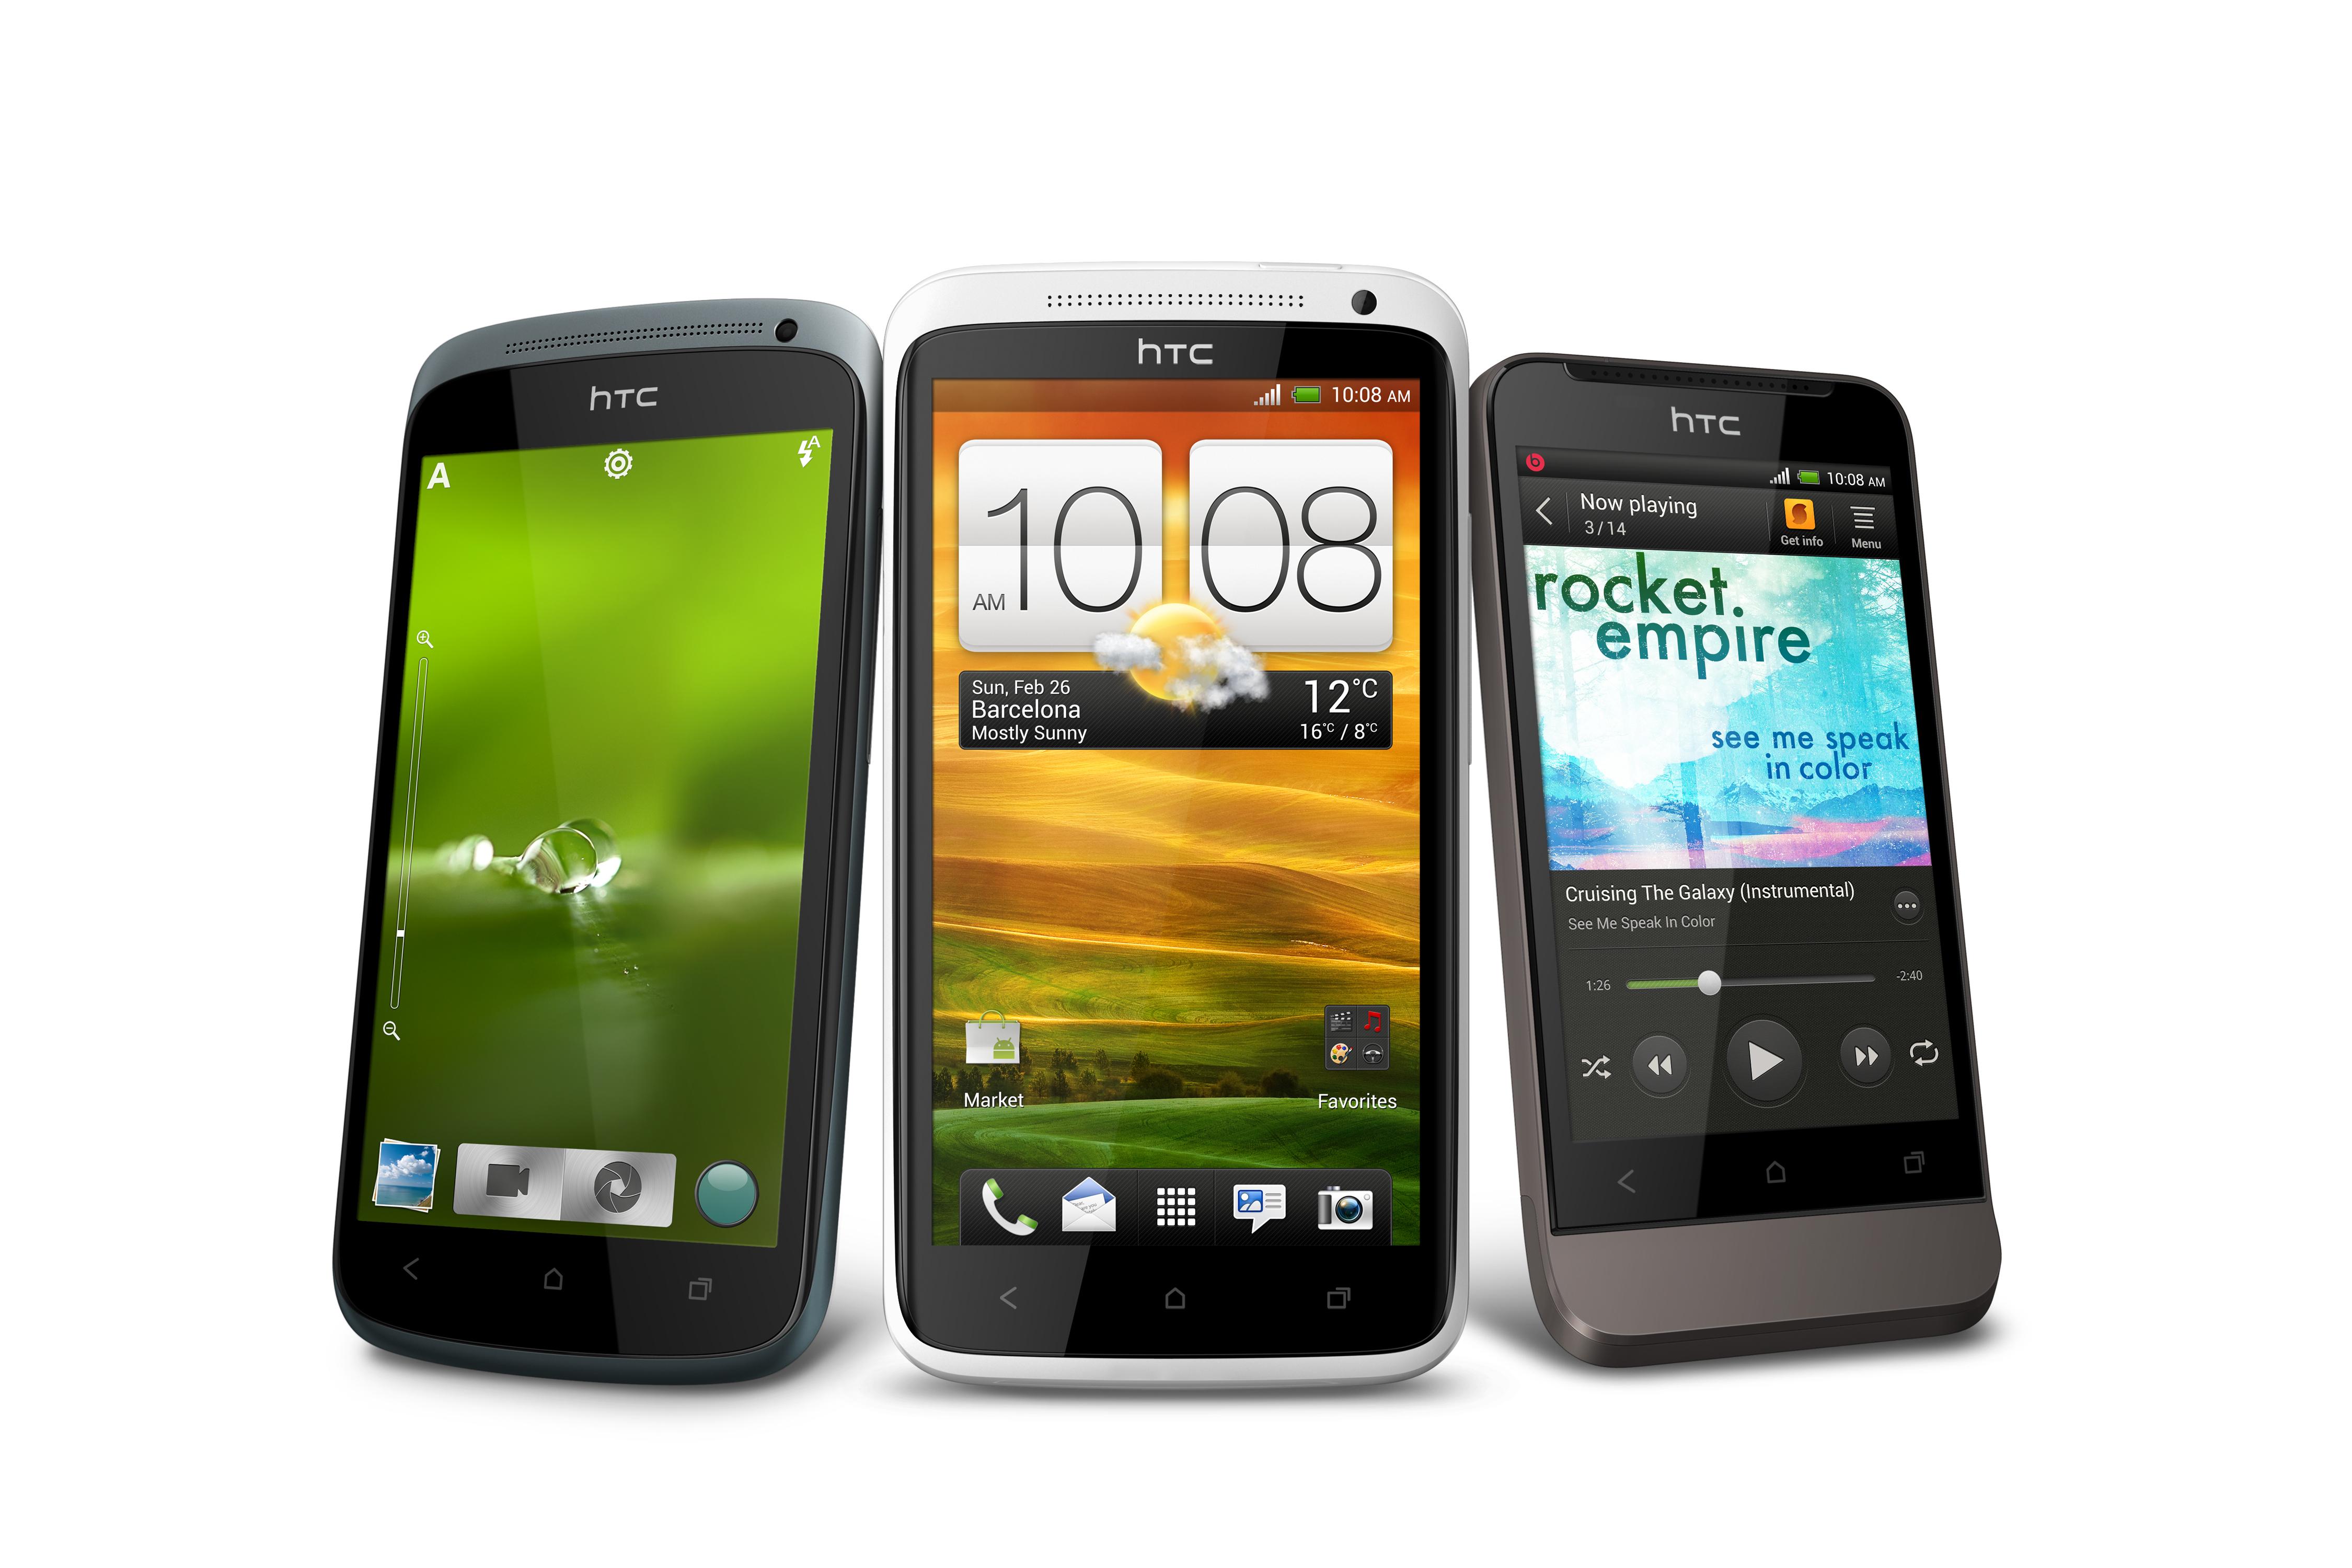 HTC namerava v tem letu predstaviti kar precejšnjo število novih pametnih telefonov.